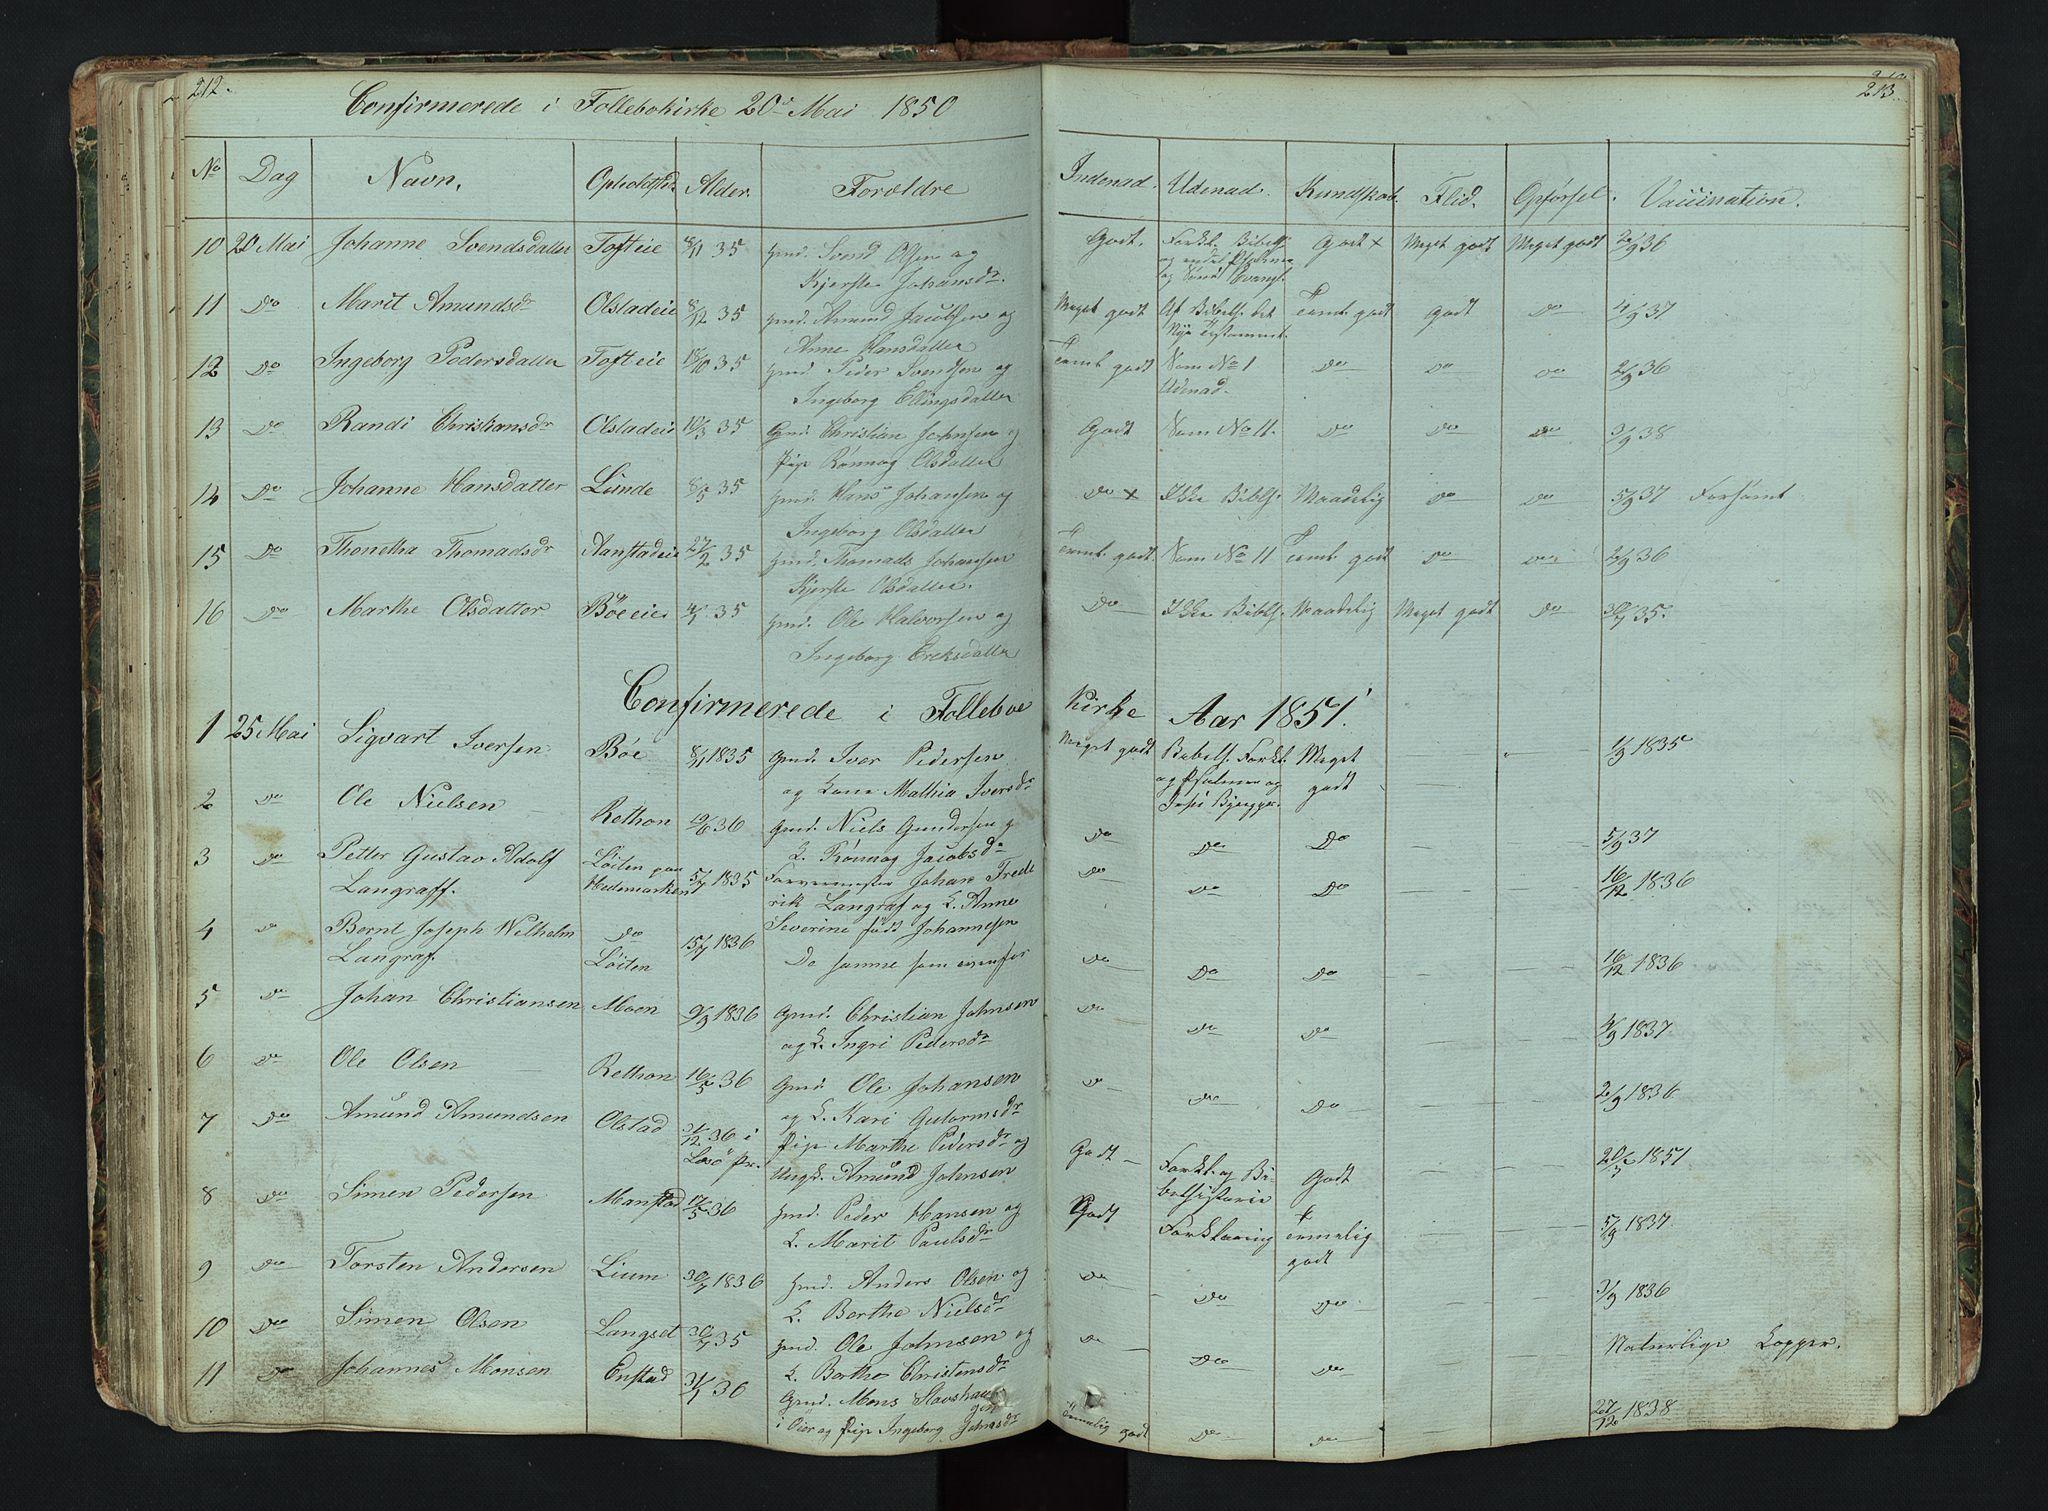 SAH, Gausdal prestekontor, Klokkerbok nr. 6, 1846-1893, s. 212-213